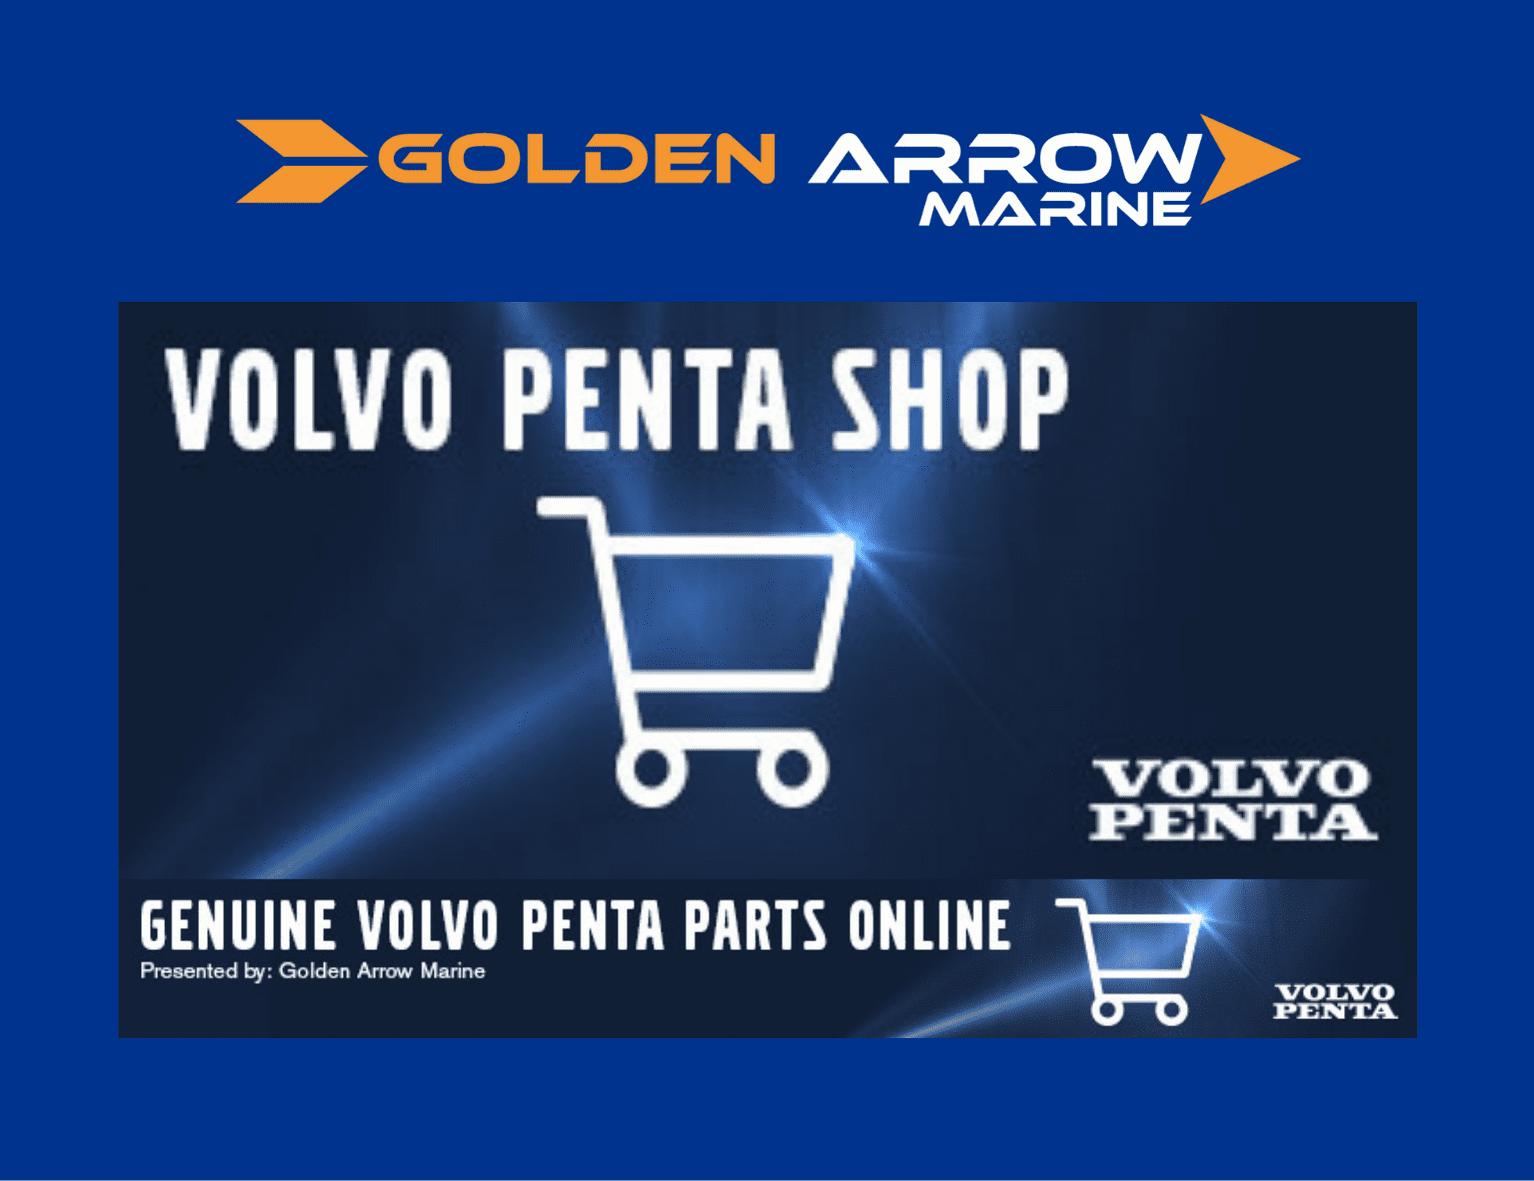 Volvo Penta Shop